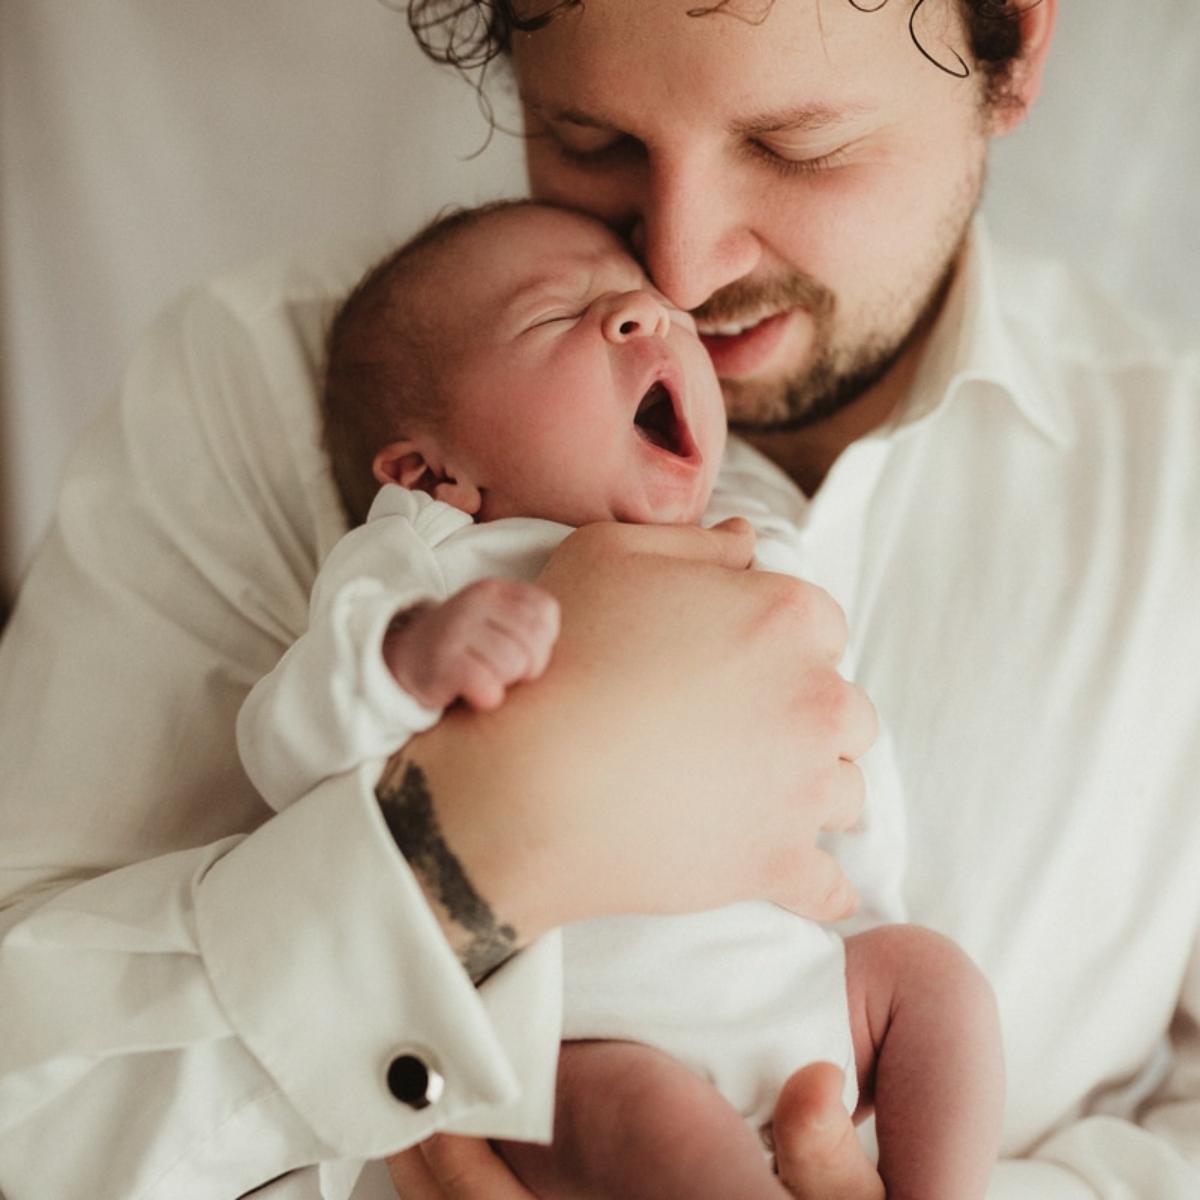 Papa mit baby beim Neugeborenenshooting in Hameln